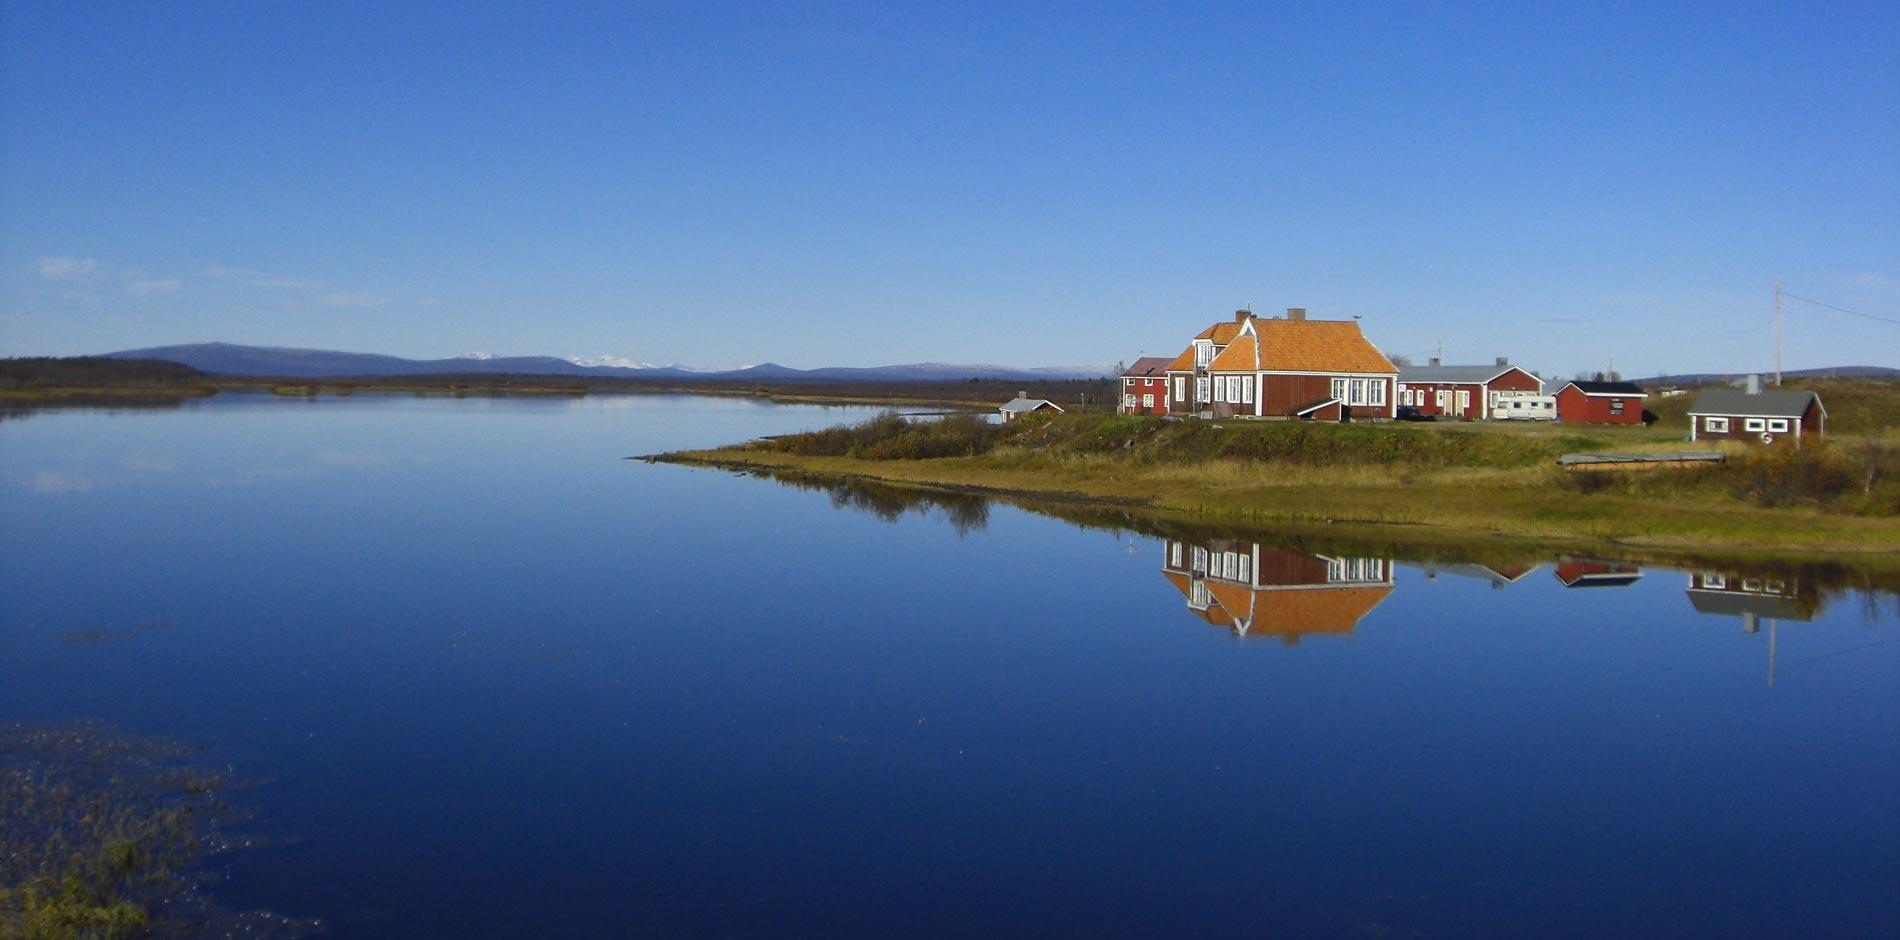 nordschweden angeln ferienhaus schweden